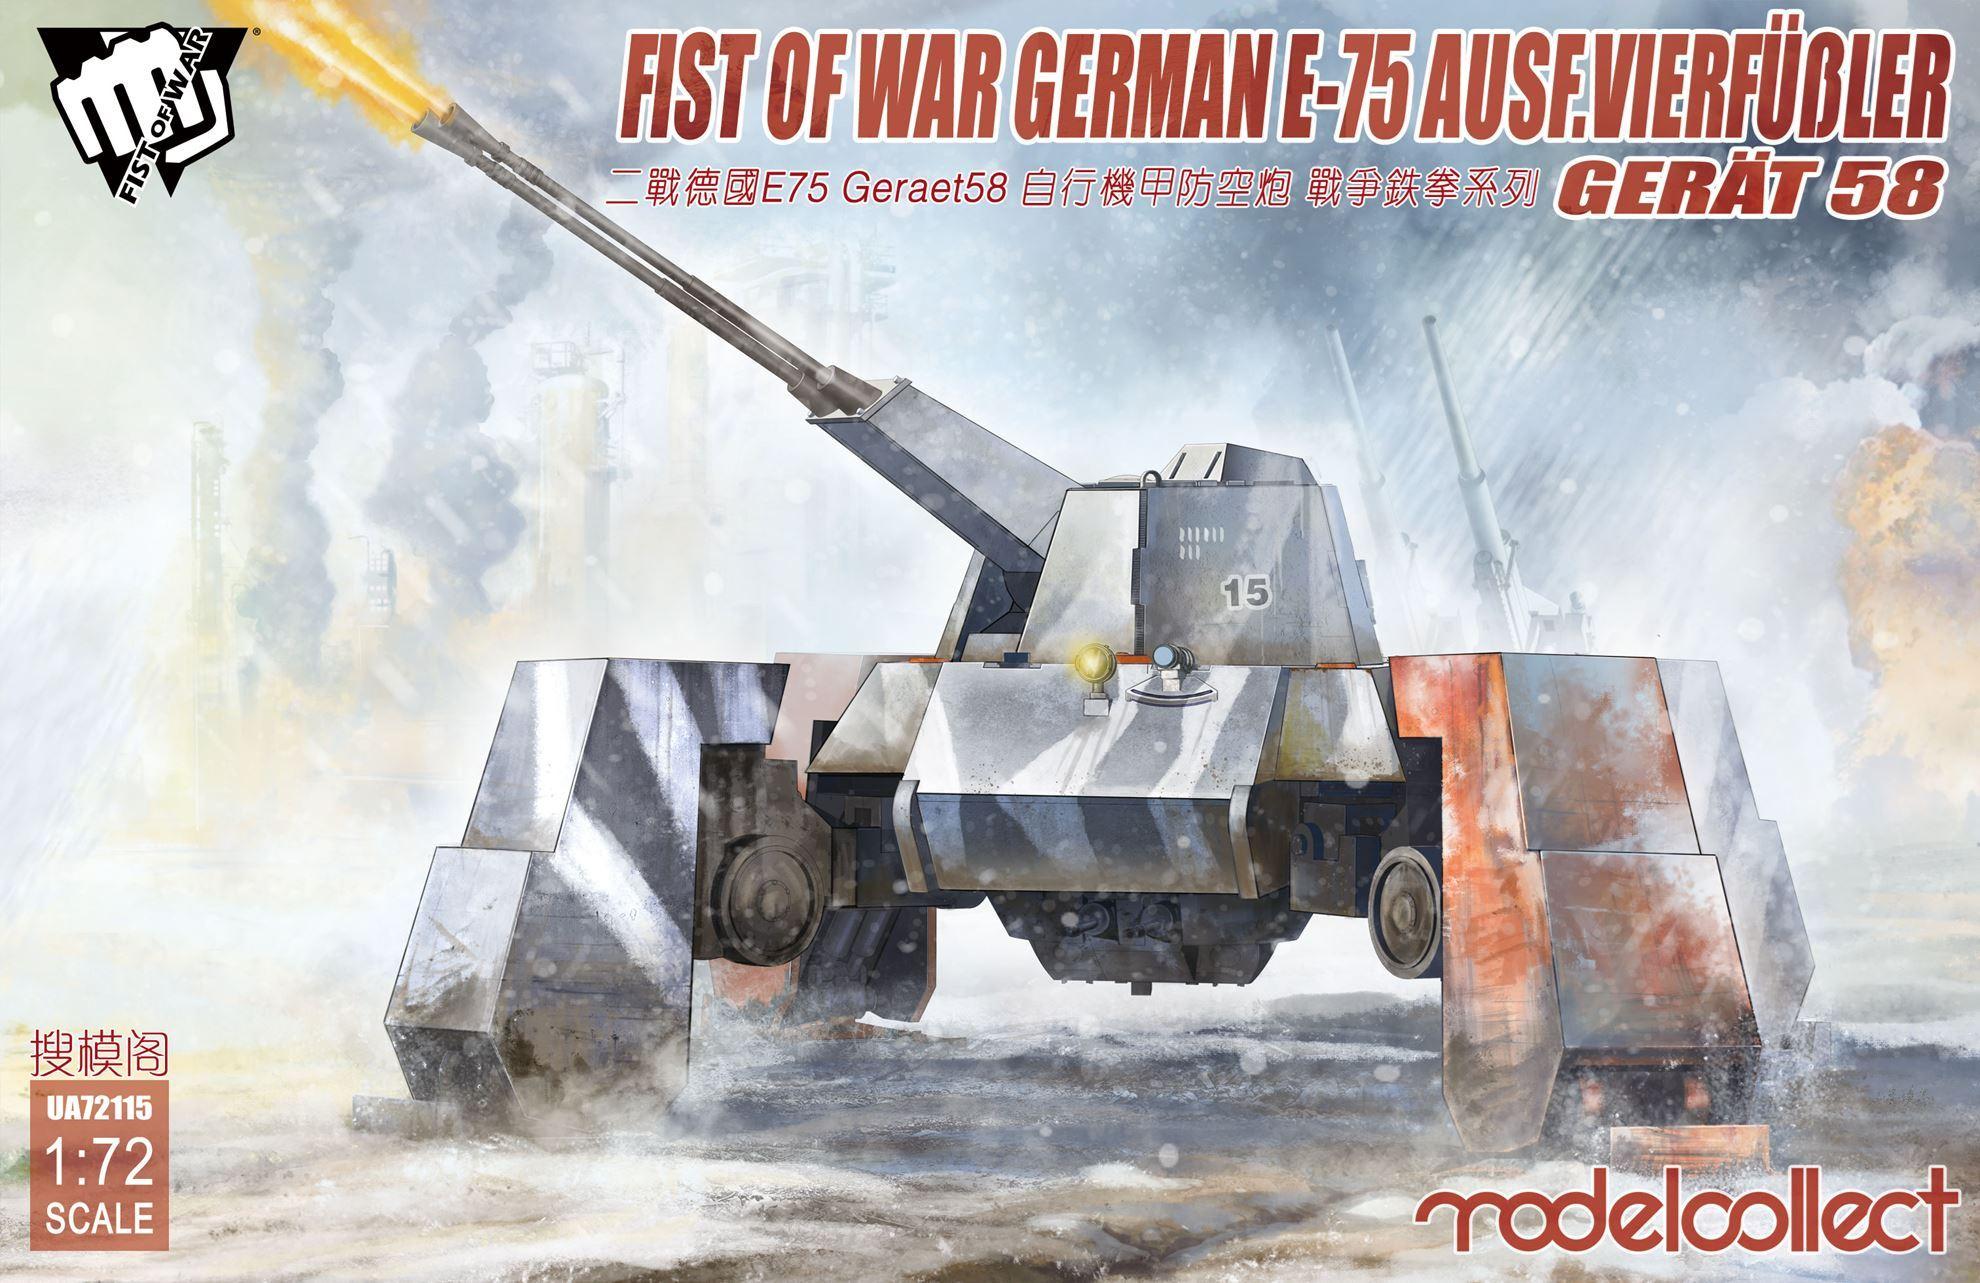 ModelCollect Fist of War German WWII E75 Ausf.vierfubler Gerat 58